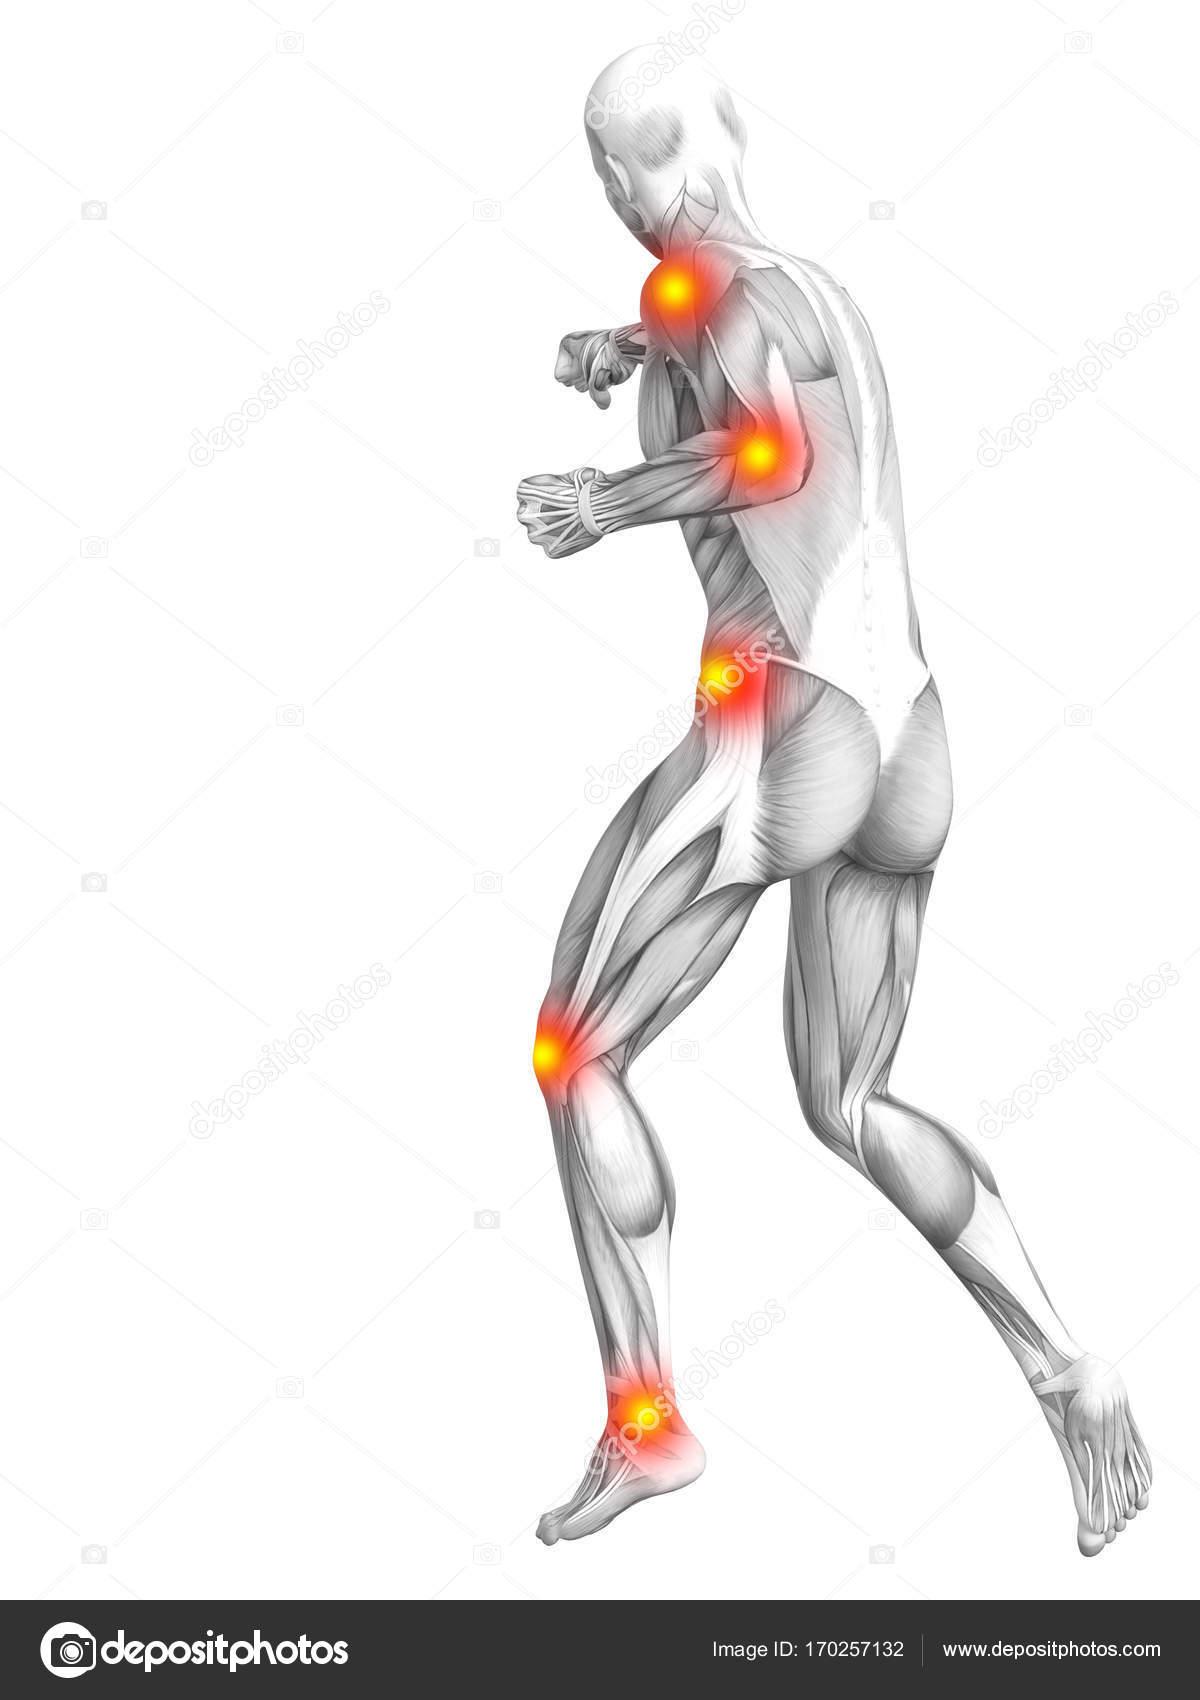 menschlichen Muskel-Anatomie — Stockfoto © design36 #170257132